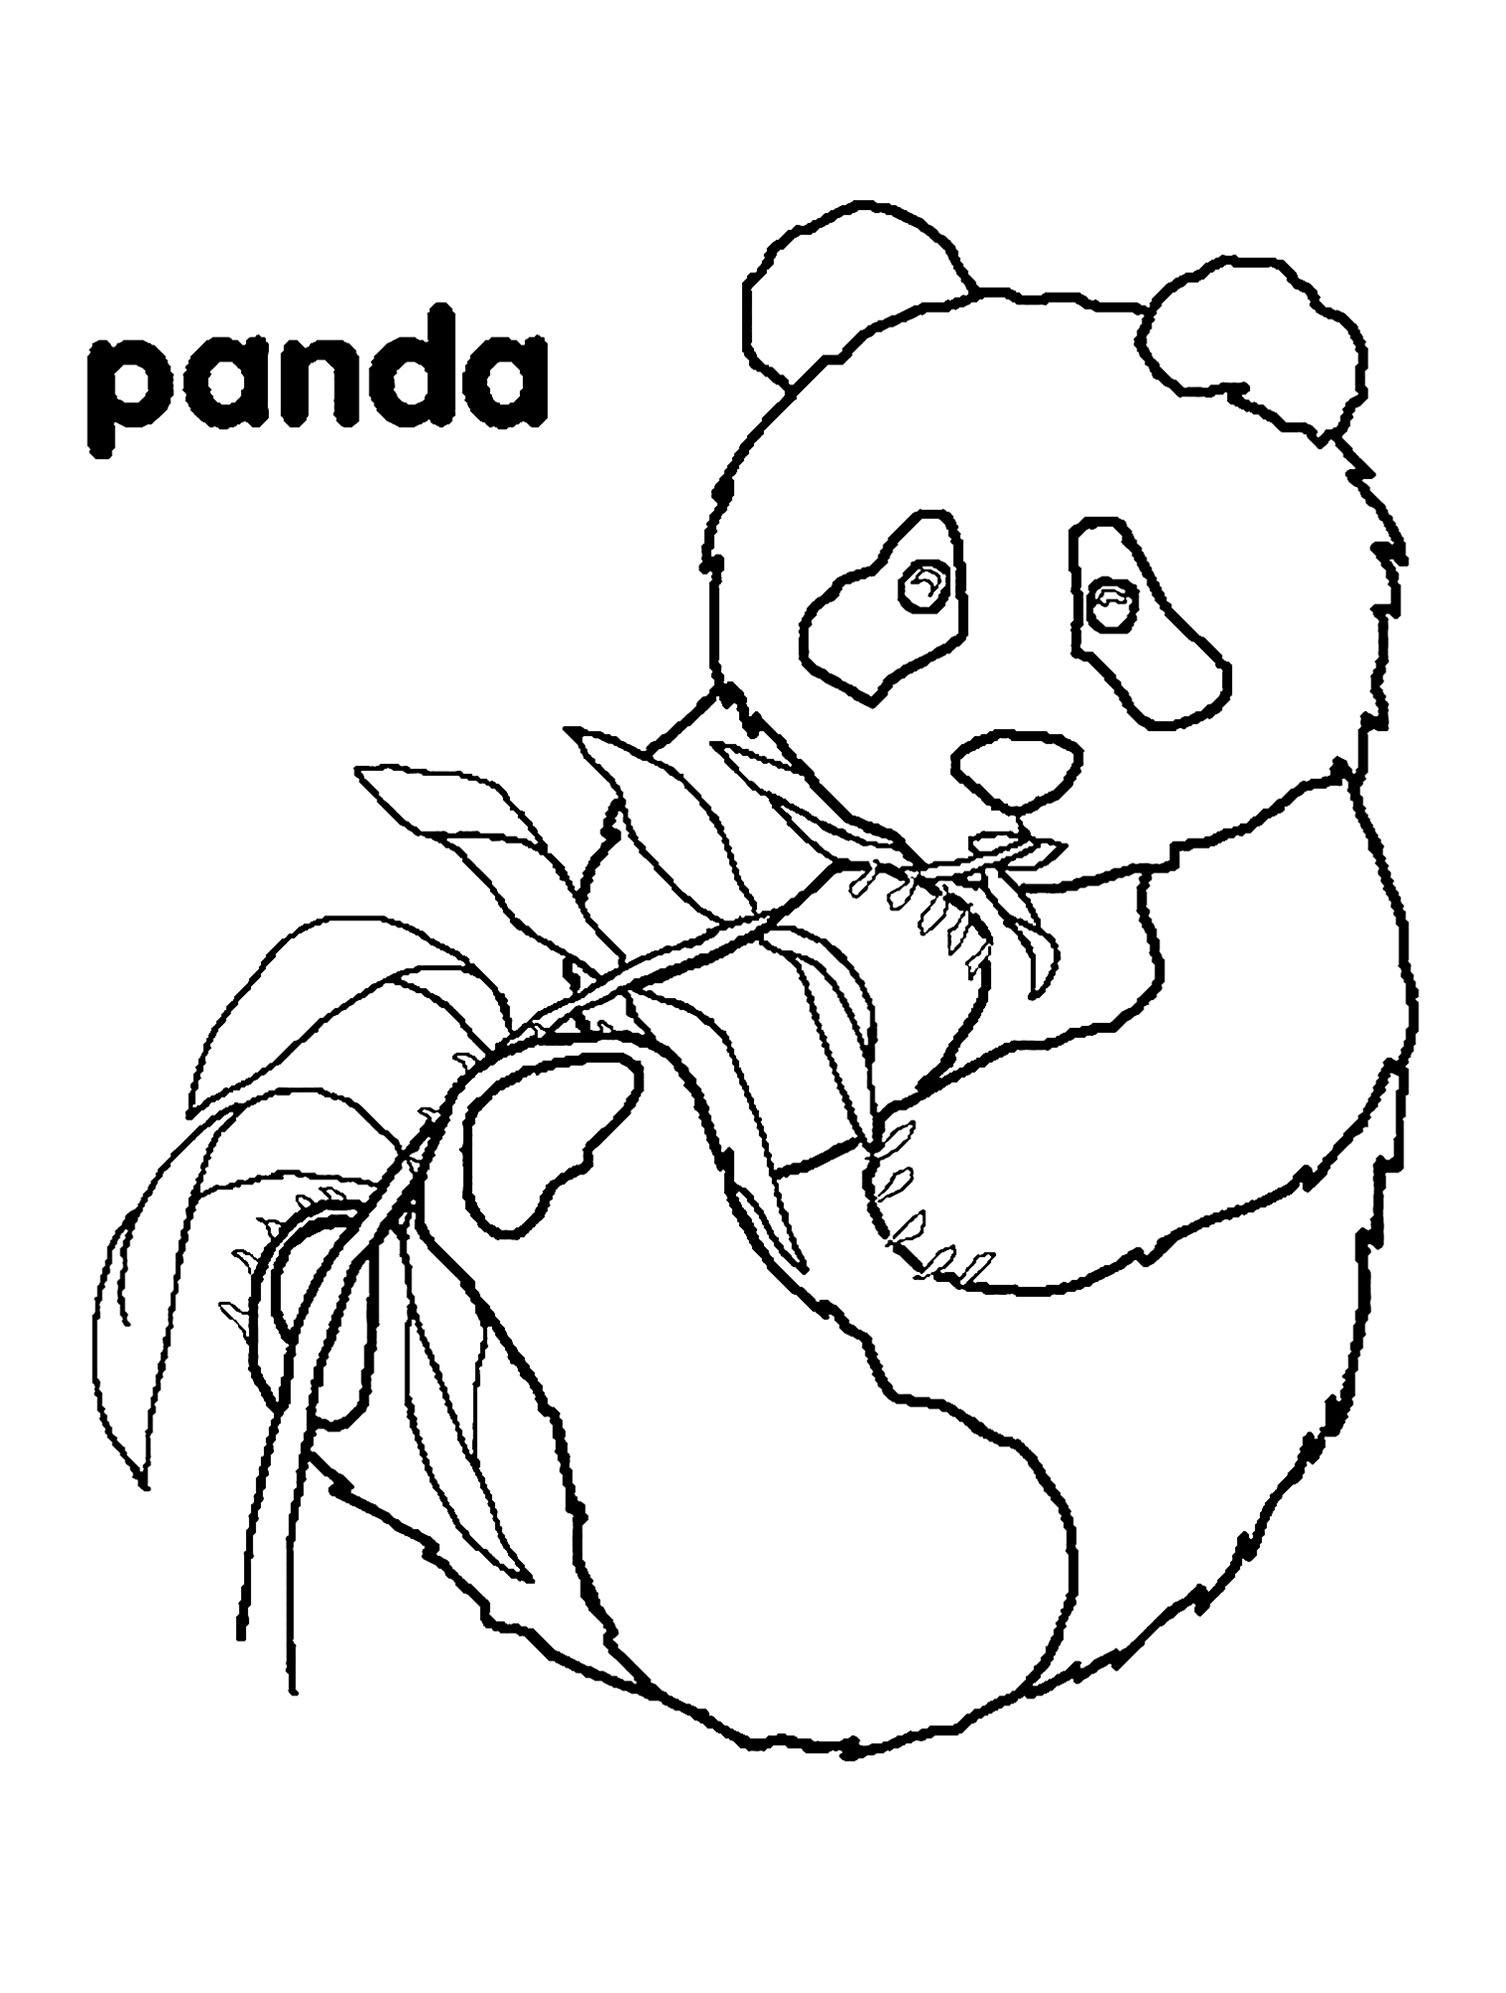 coloring panda panda drawing images at getdrawings free download coloring panda